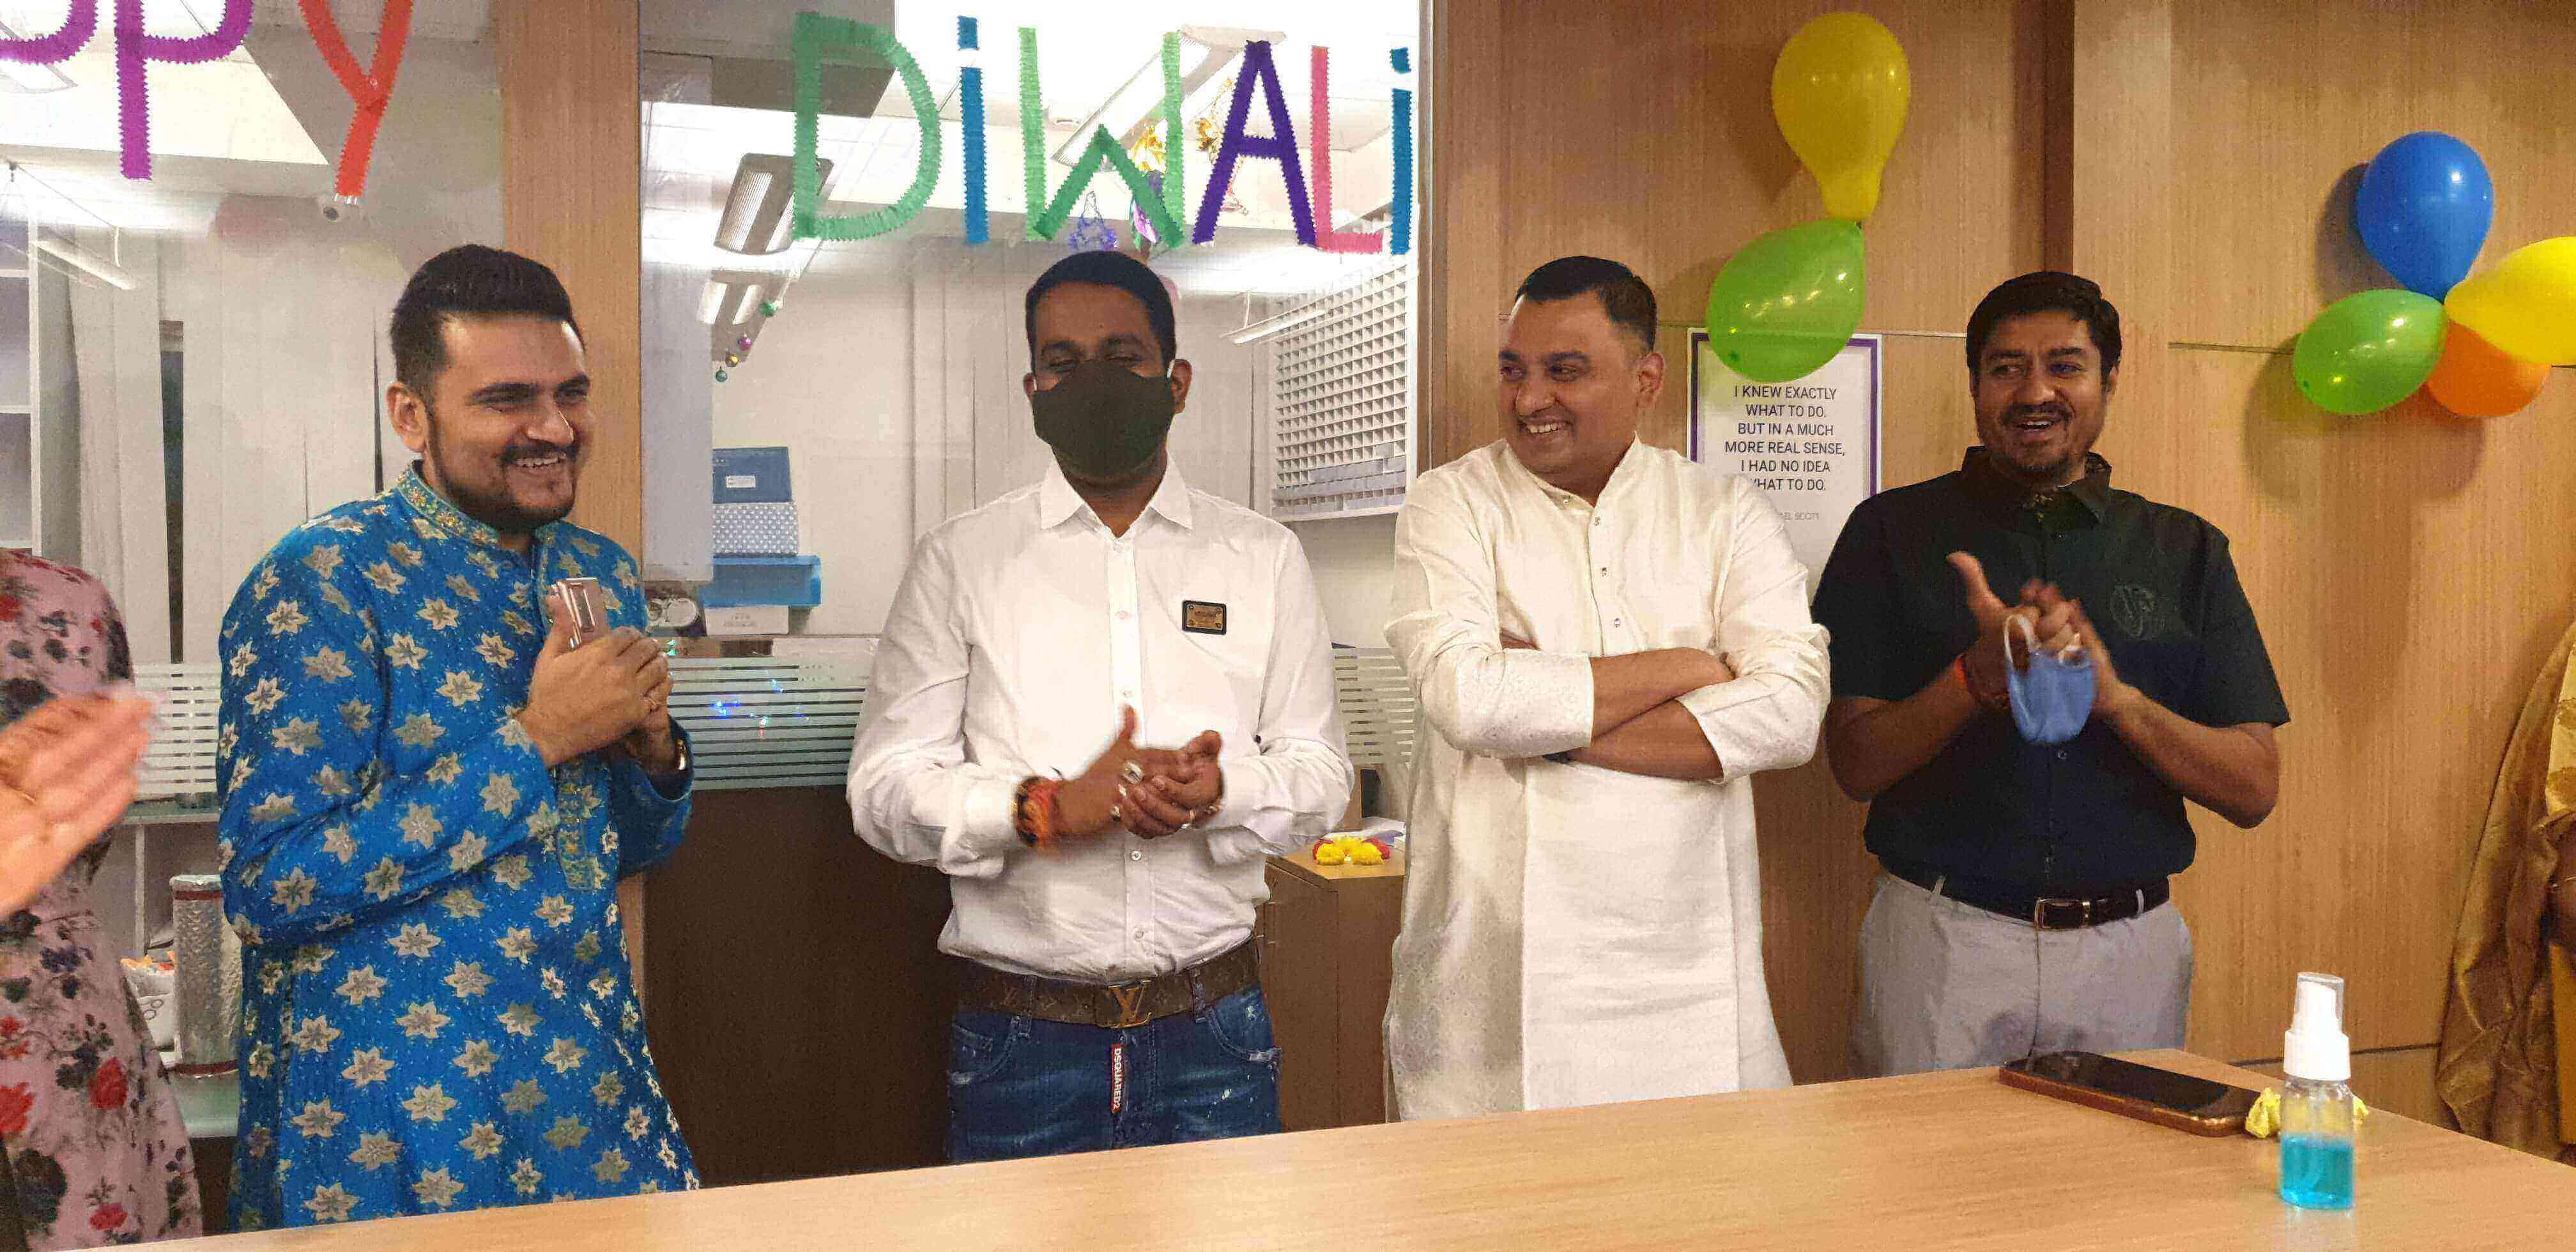 Diwali celebration at GenieTalk.ai